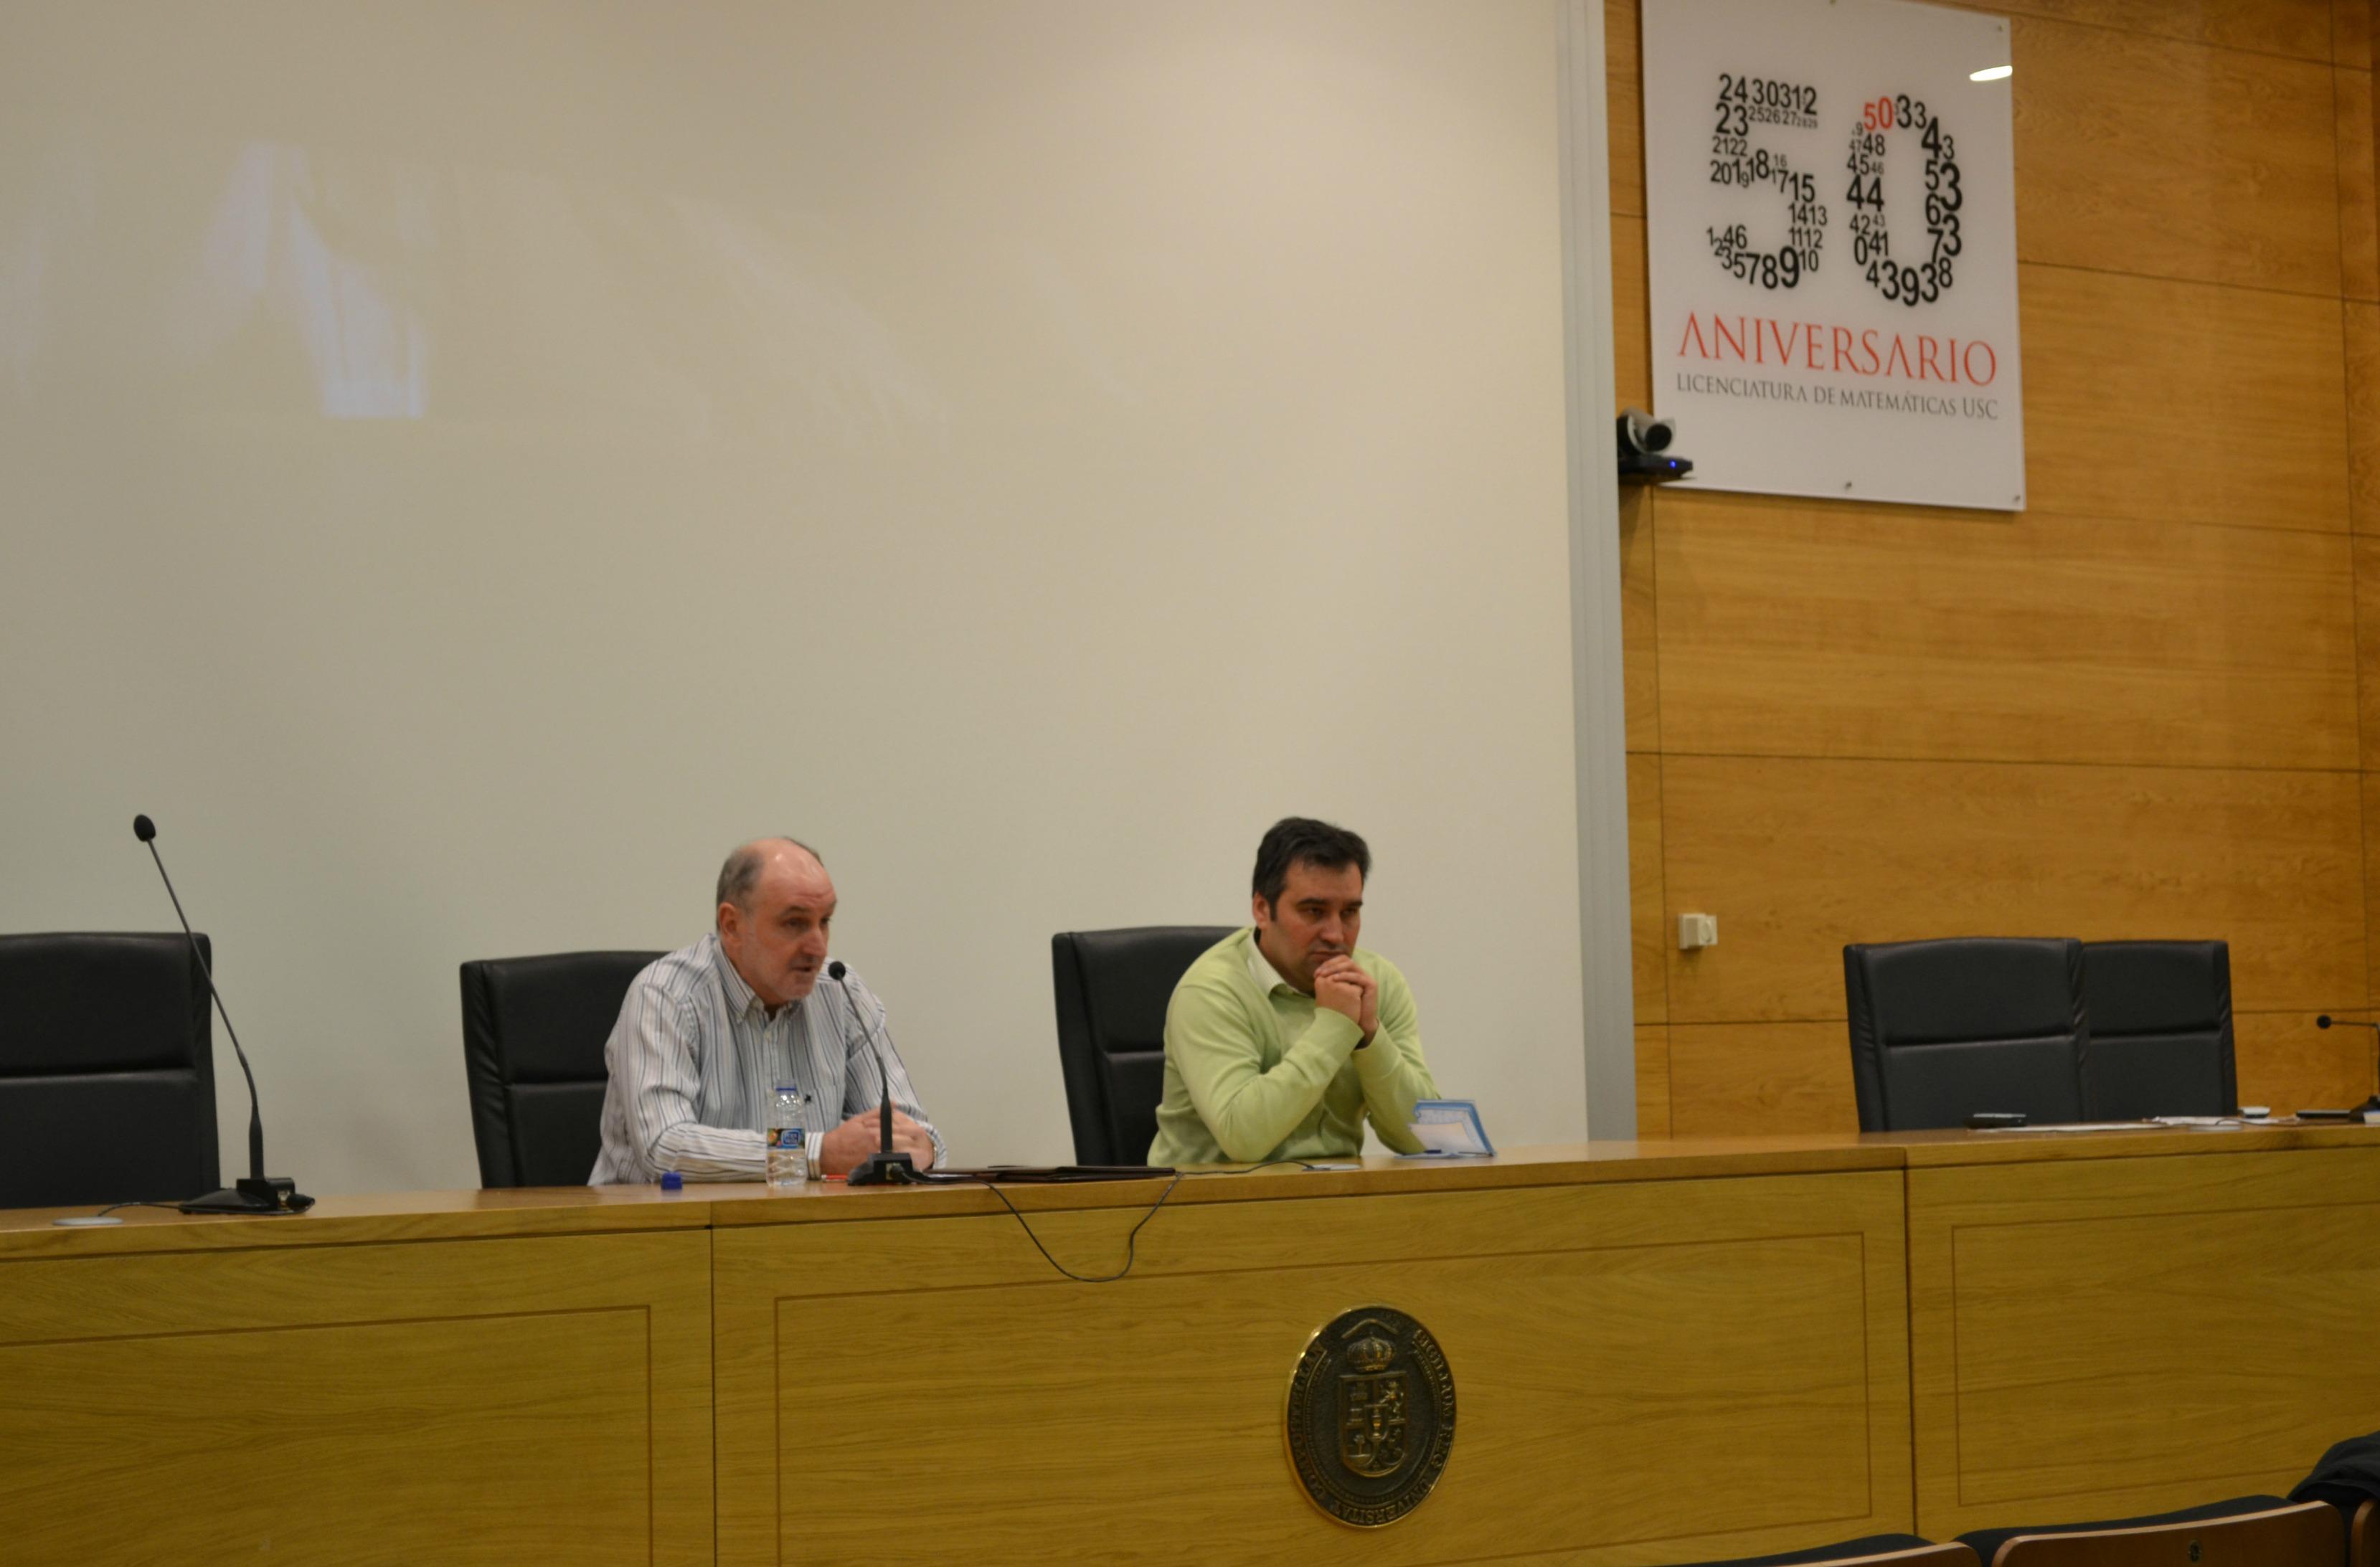 Jorge Sobral y Carlos Martínez durante la conferencia sobre peligro y enfermedad mental | ©Andrea Oca